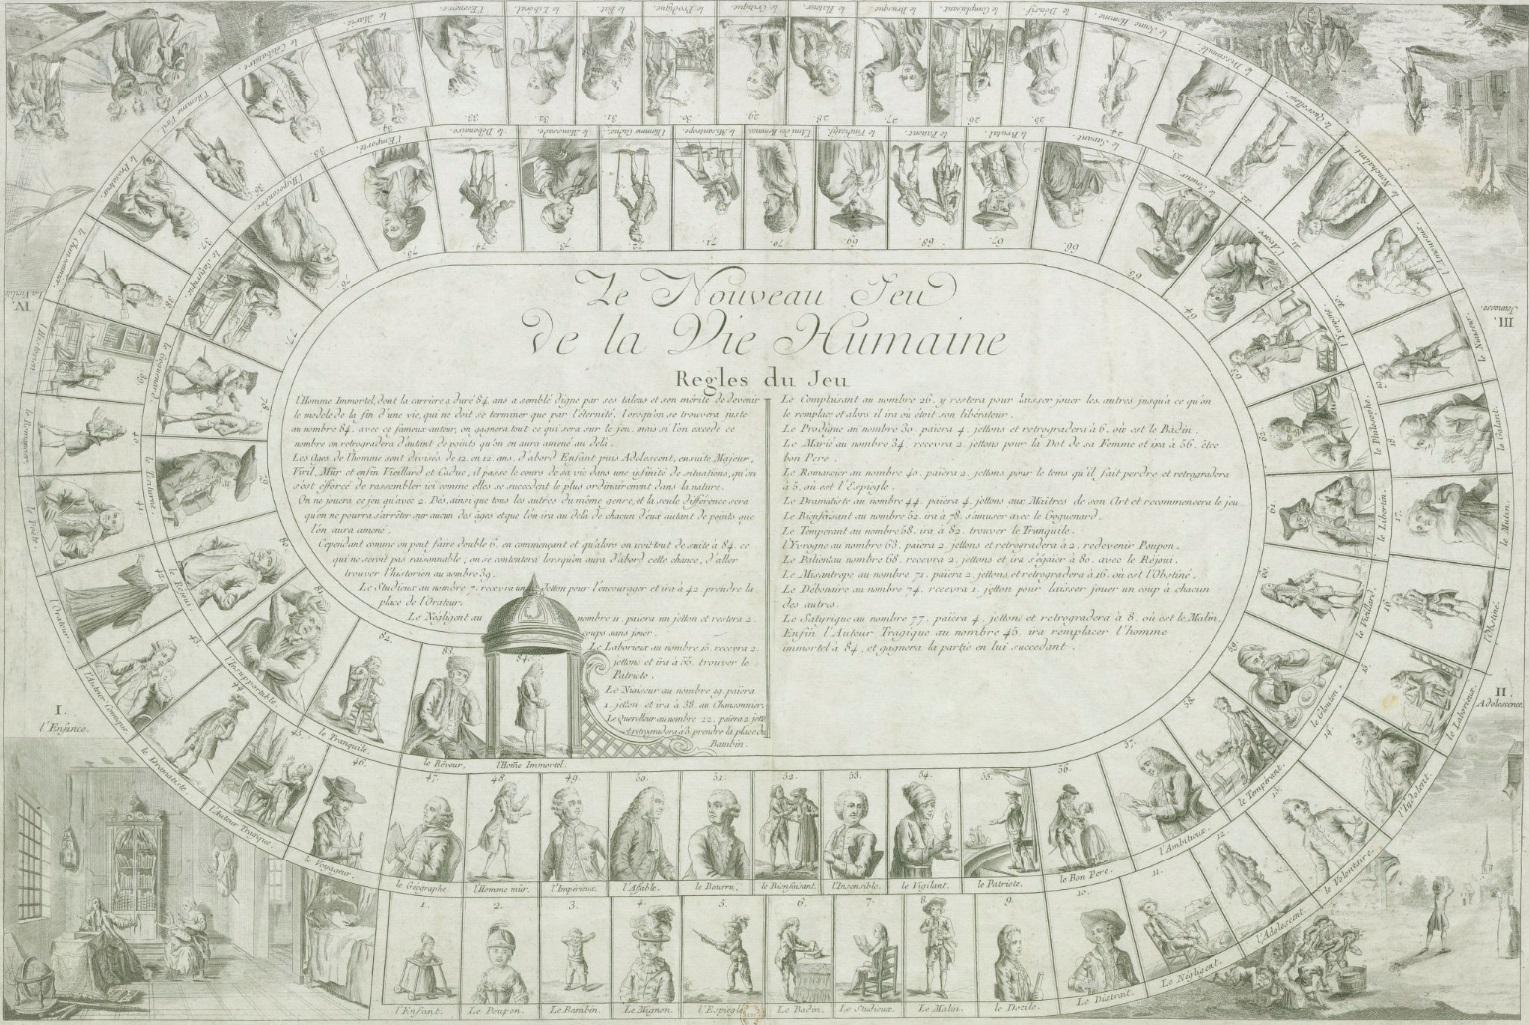 1779-je-de-le-vie-humaine.jpg